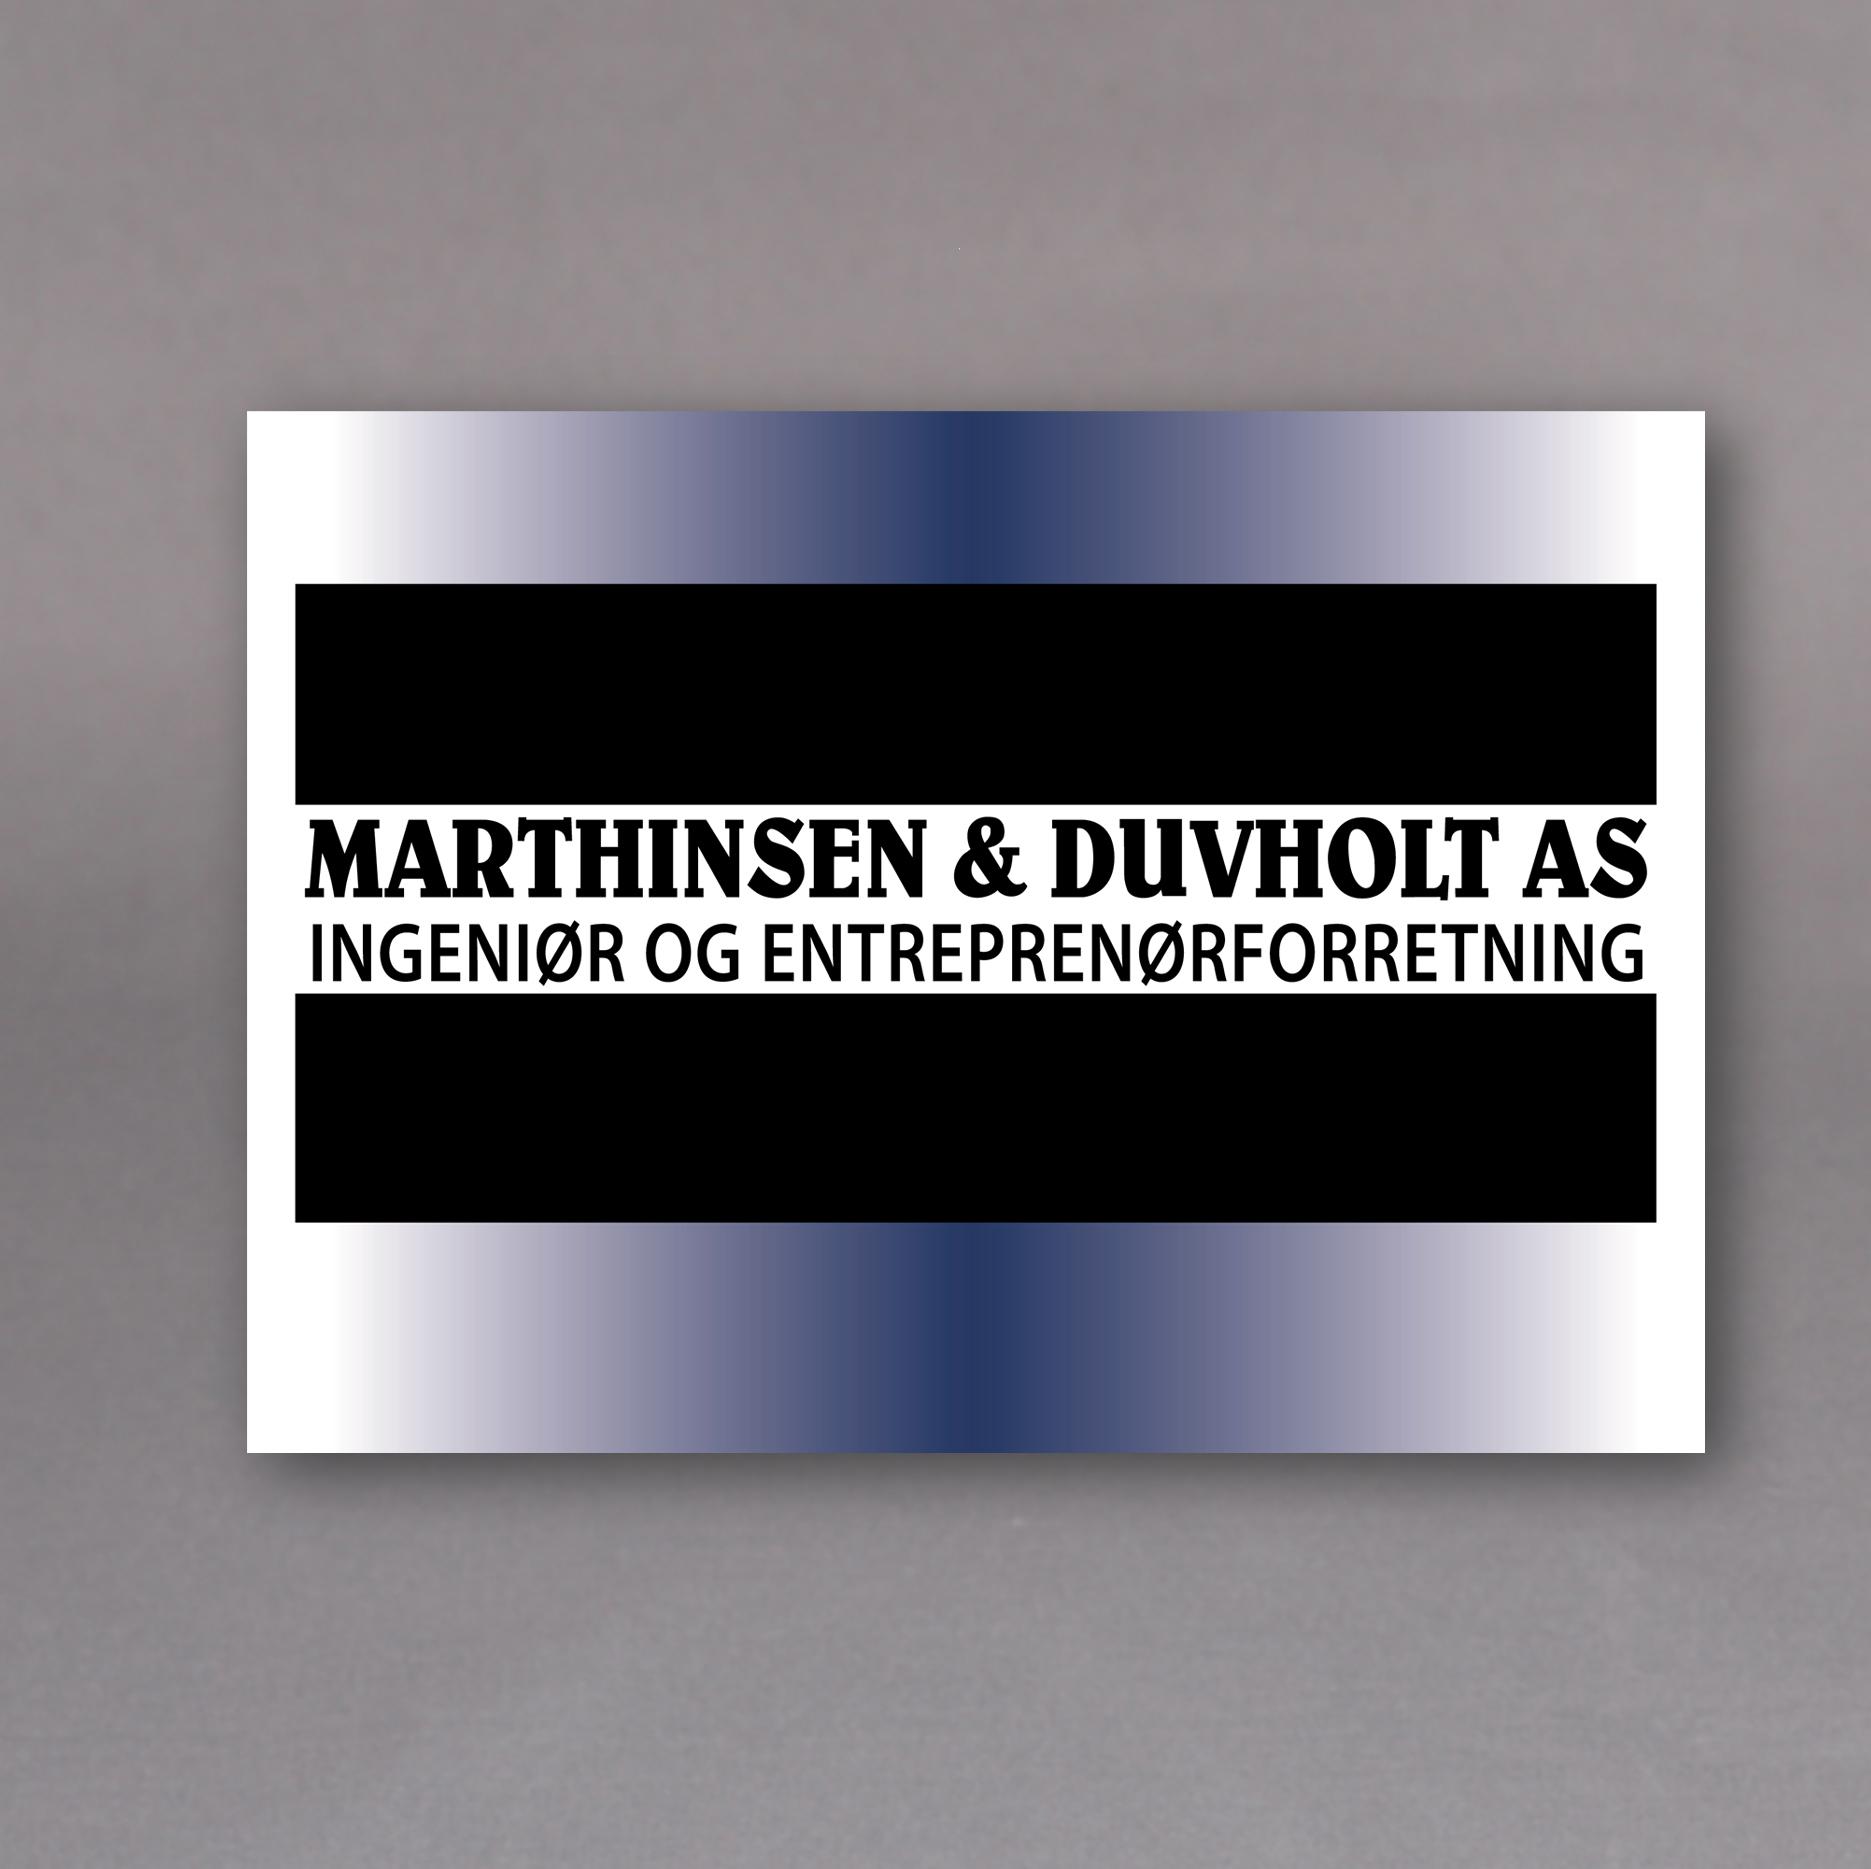 Tekst/logo i alle farger